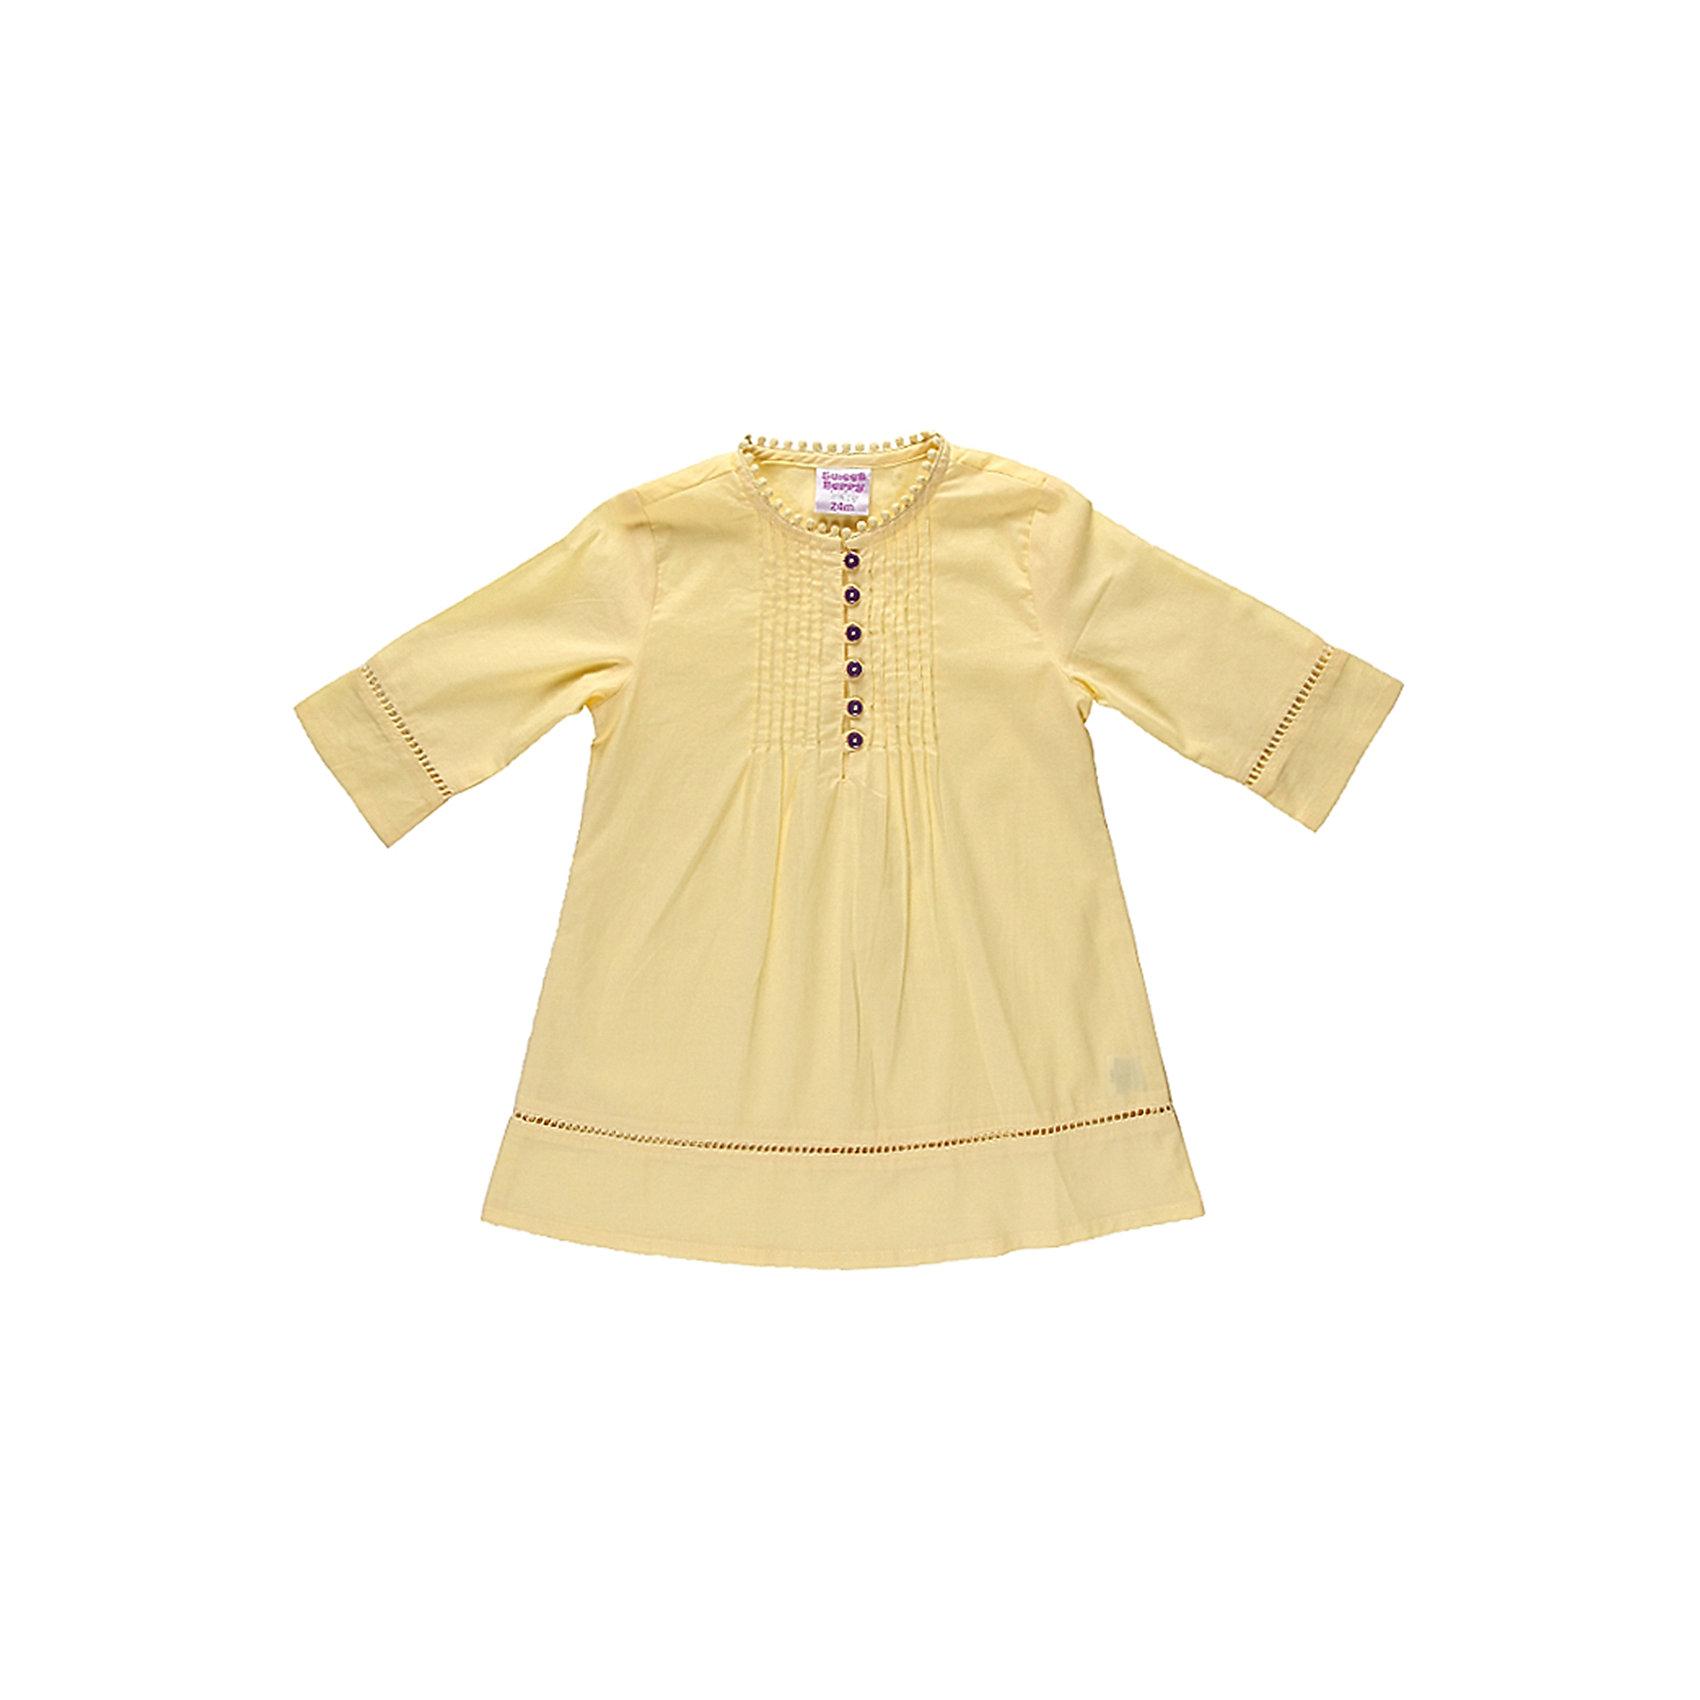 Платье для девочки Sweet BerryПляжное платье из тонкого хлопка, декорирована защипами, вставками из ажурной тесьмы, пуговками контрастного цвета.<br>Состав:<br>100% хлопок<br><br>Ширина мм: 236<br>Глубина мм: 16<br>Высота мм: 184<br>Вес г: 177<br>Цвет: желтый<br>Возраст от месяцев: 9<br>Возраст до месяцев: 12<br>Пол: Женский<br>Возраст: Детский<br>Размер: 86,80,98,92<br>SKU: 4520455